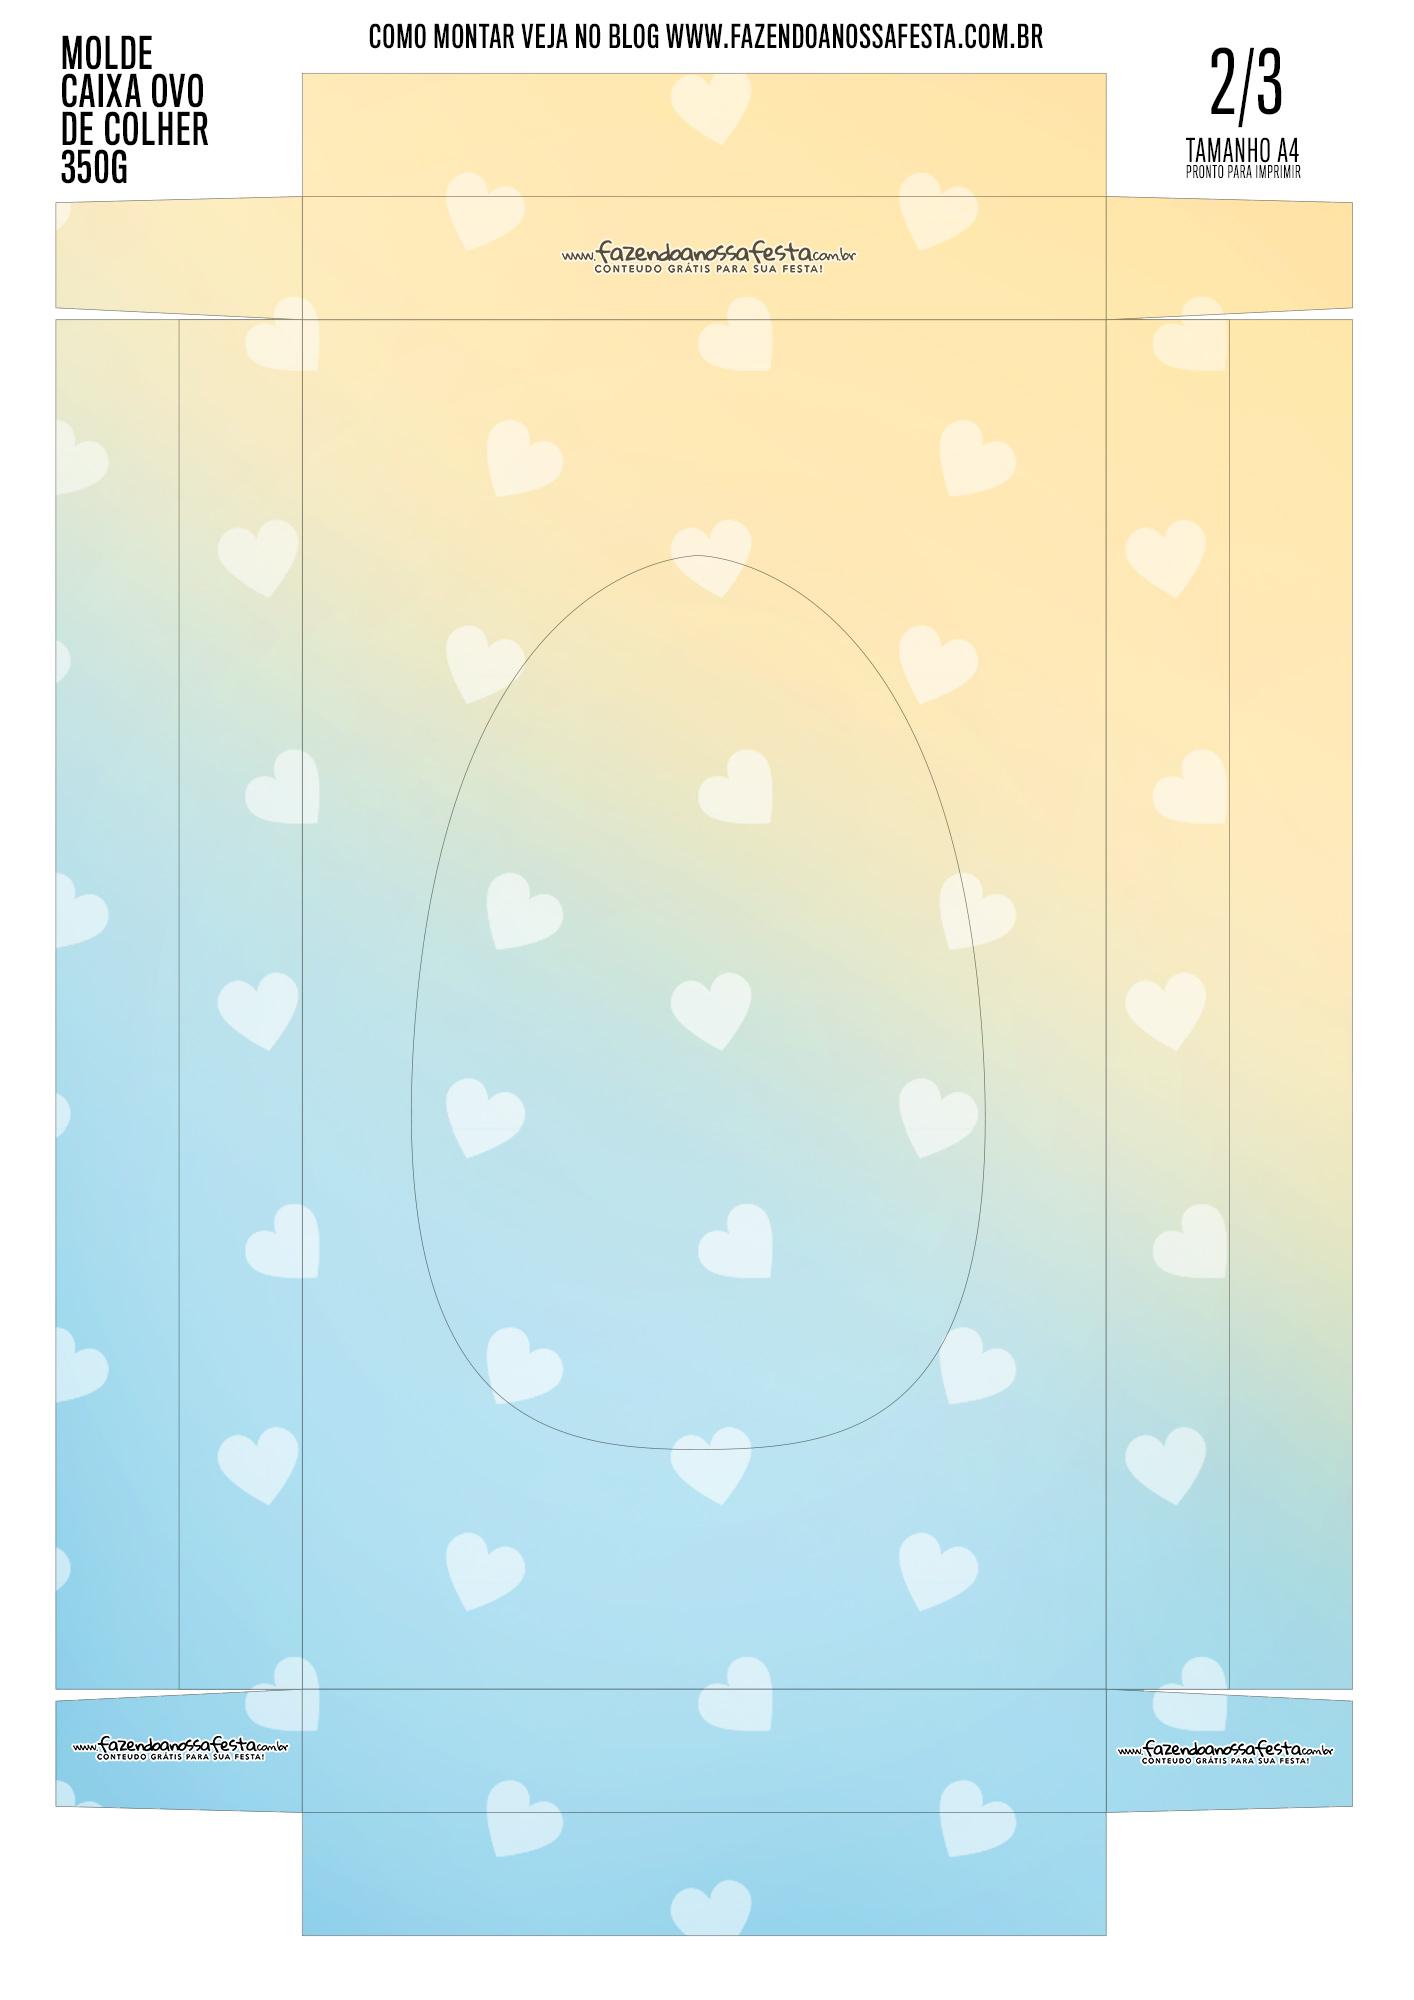 Caixa Ovo de Colher Chuva de Amor Menino_02